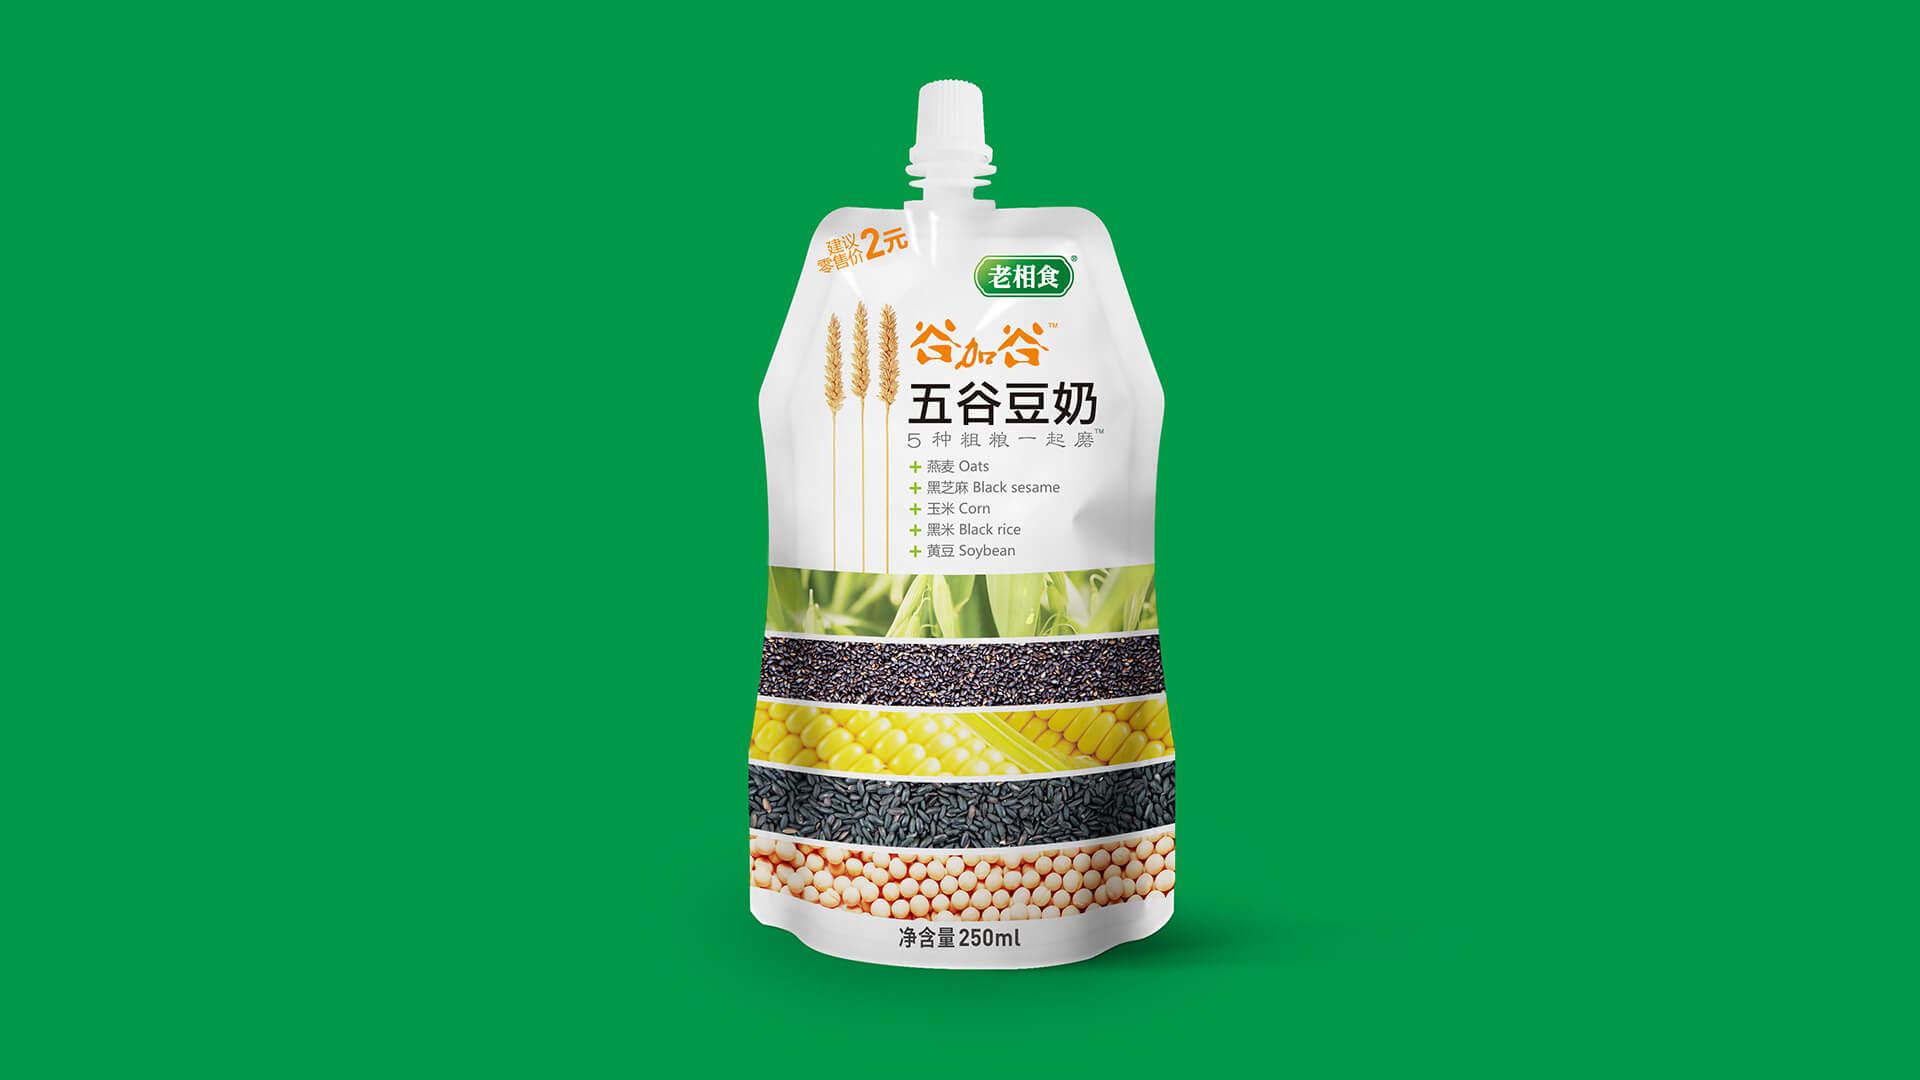 金记豆浆包装设计